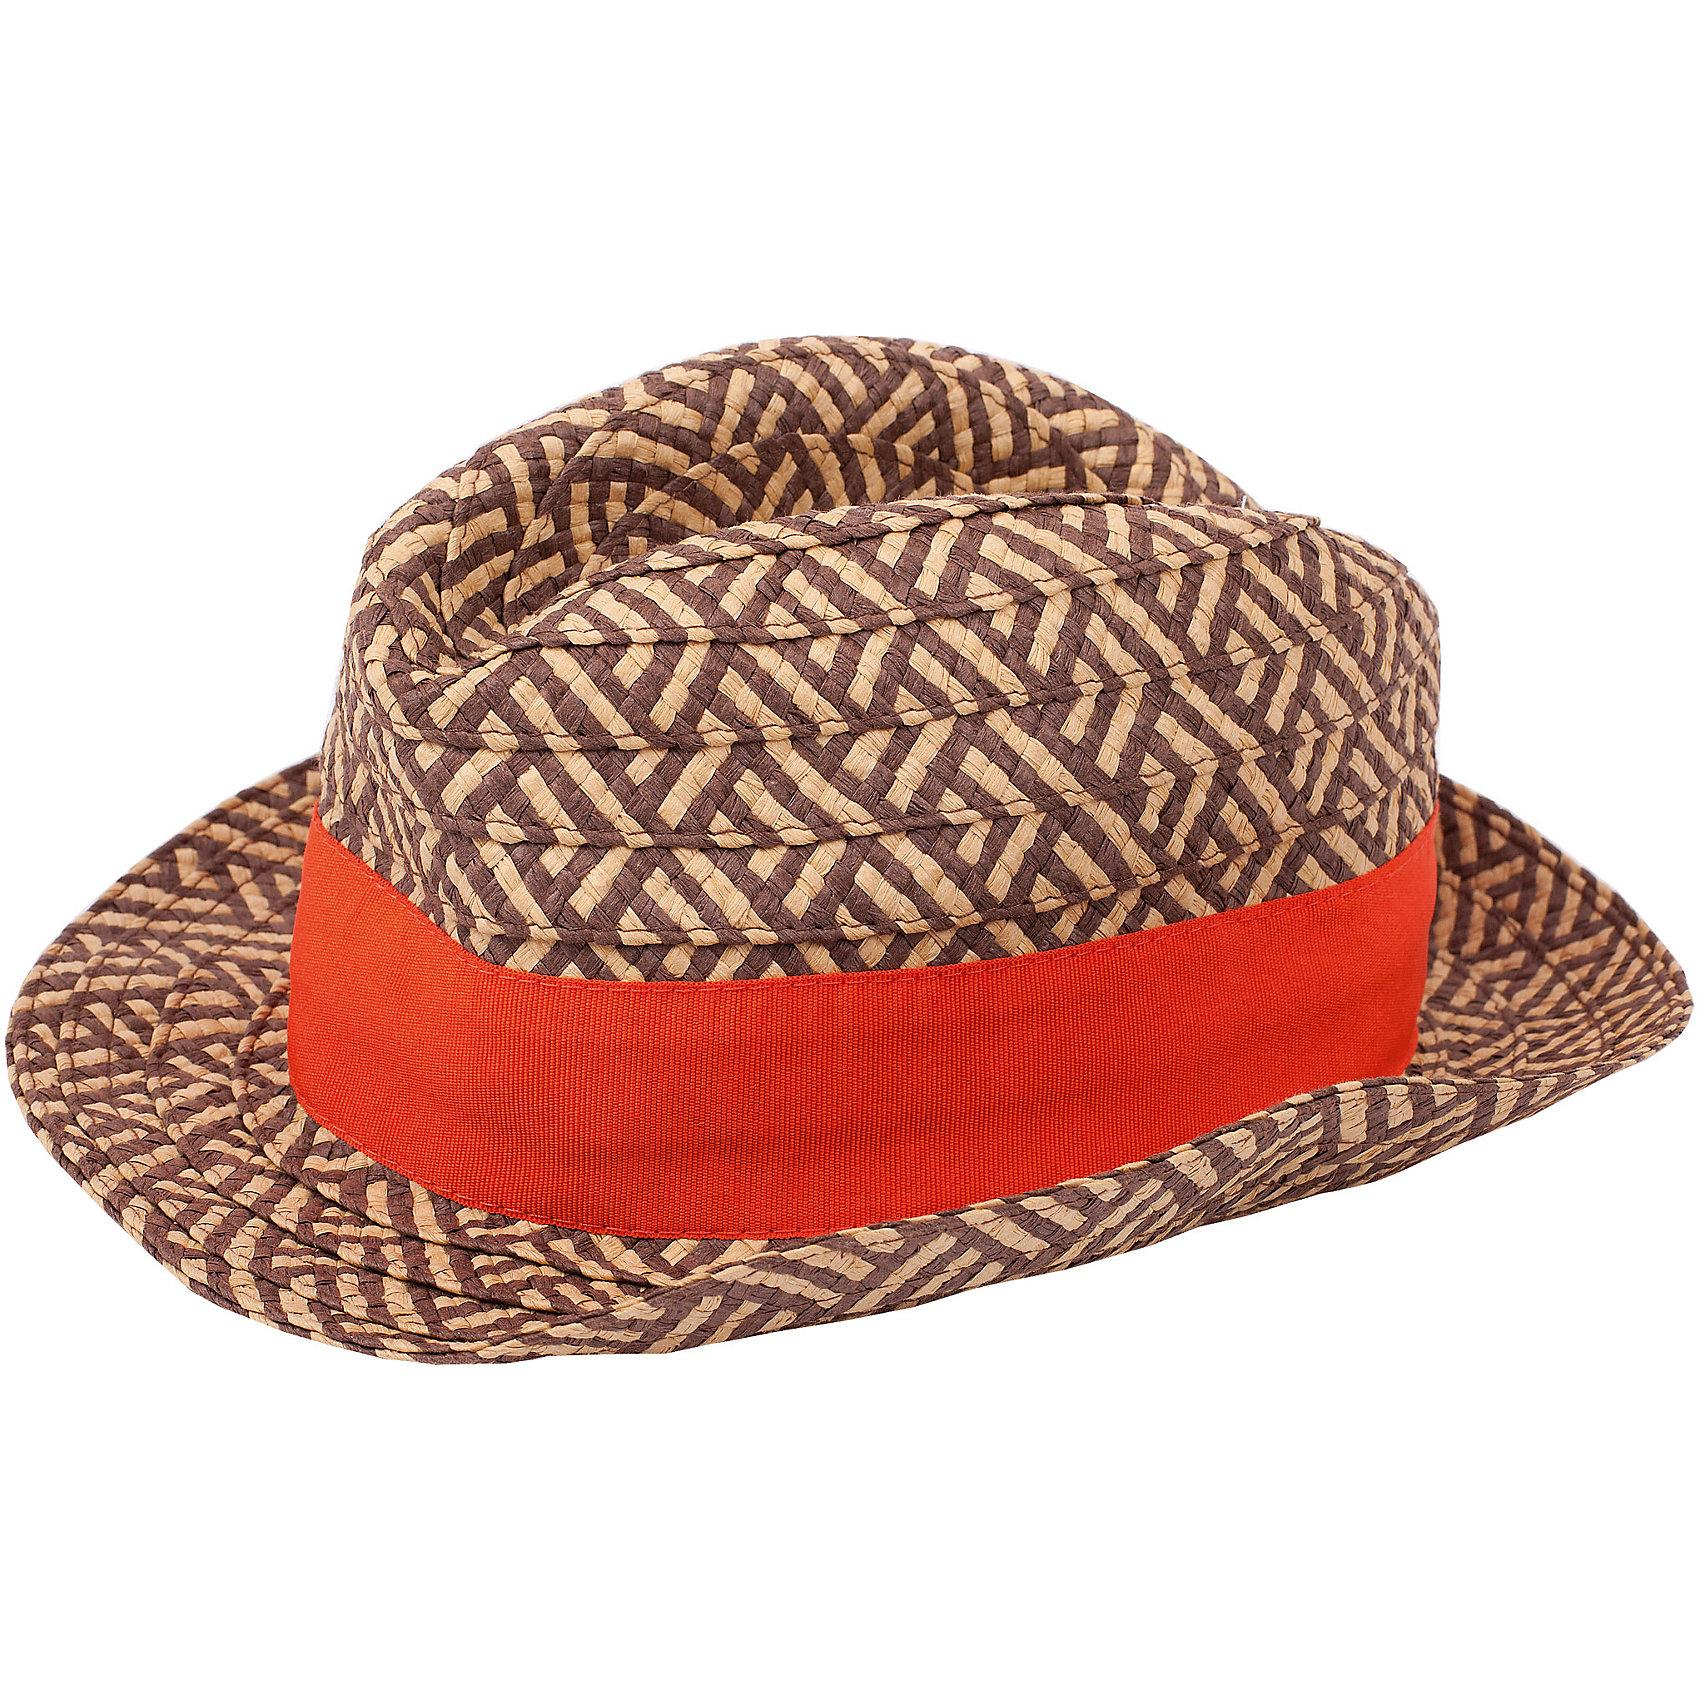 Шляпа для мальчика GulliverГоловные уборы<br>Шляпа для  мальчика-подростка - модный аксессуар и предмет особой гордости, способный подчеркнуть его индивидуальность. Если вы хотите купить шляпу, обратите внимание на эту модель! Шляпа вызывает восторг взрослых, одобрение сверстников и массу положительных эмоций окружающих.<br>Состав:<br>80% бумага , 20%полиестер<br><br>Ширина мм: 89<br>Глубина мм: 117<br>Высота мм: 44<br>Вес г: 155<br>Цвет: разноцветный<br>Возраст от месяцев: 72<br>Возраст до месяцев: 84<br>Пол: Мужской<br>Возраст: Детский<br>Размер: 54<br>SKU: 4535126